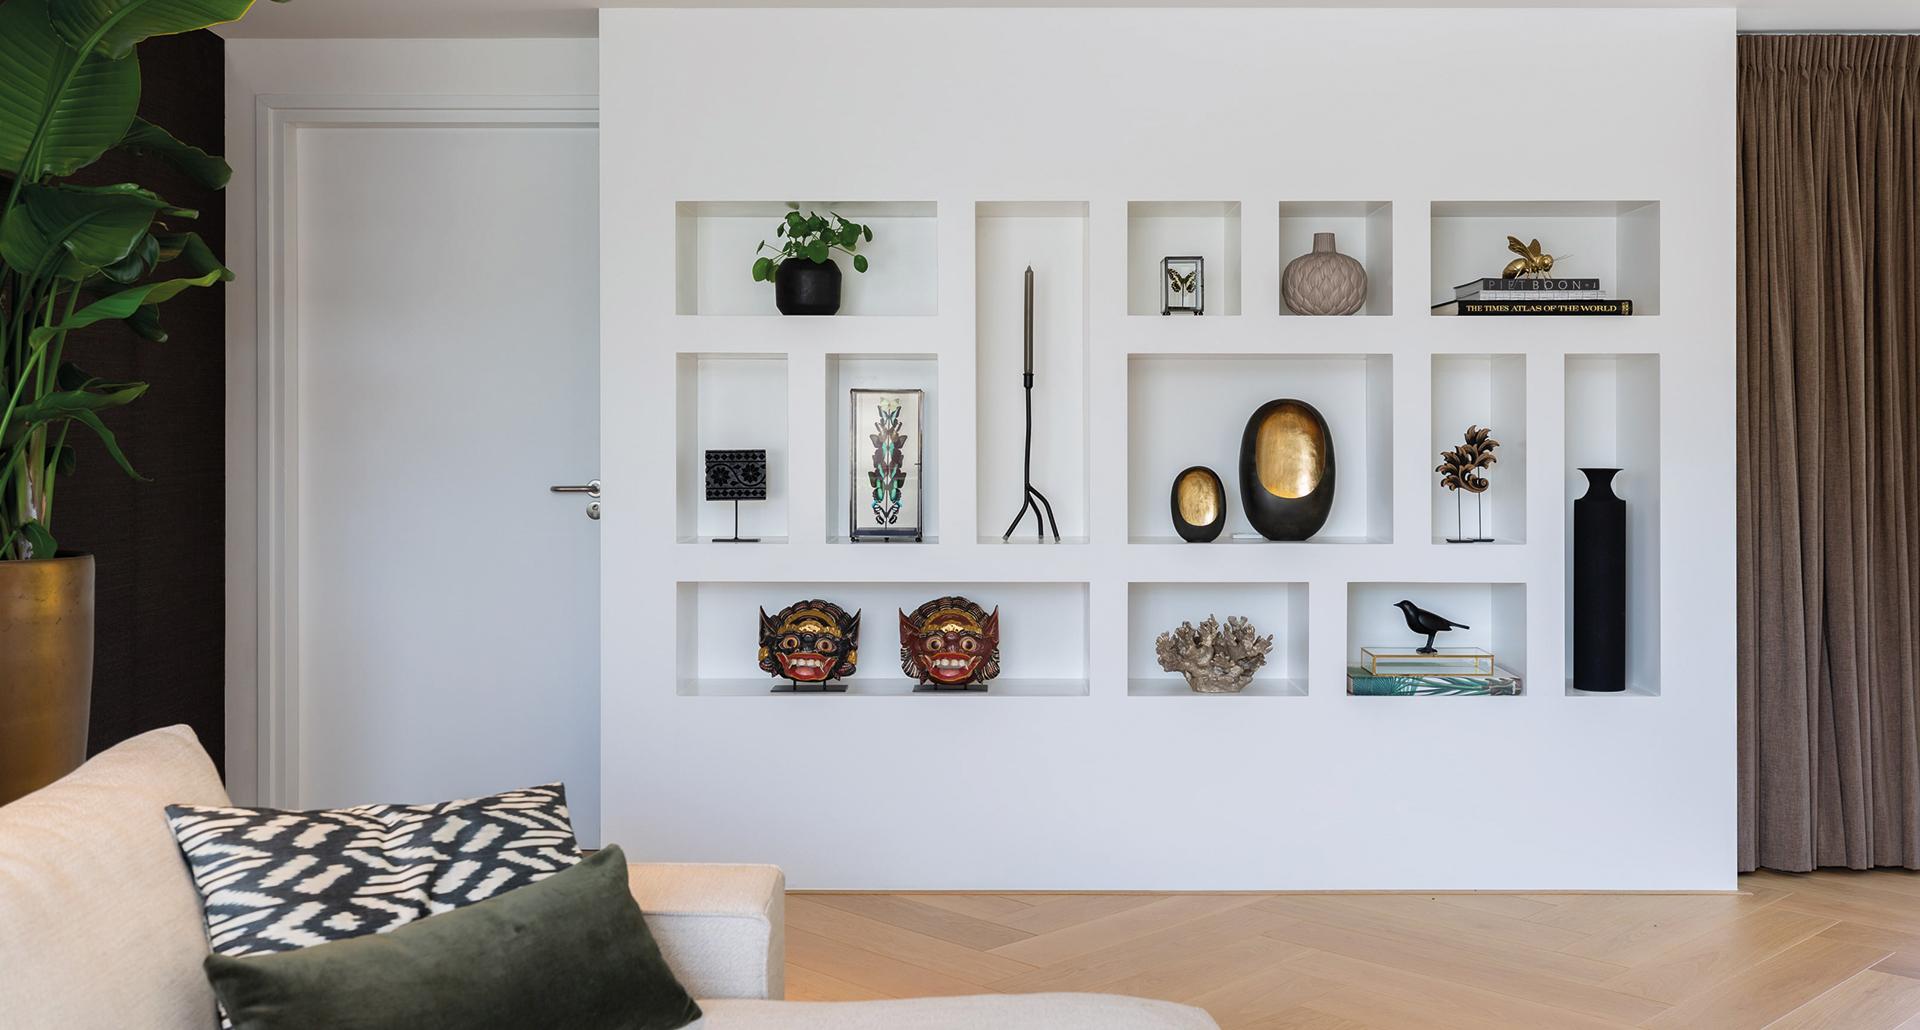 interieurarchitect_mira_ontwerp_interieur_huiskamer_ vakkenkast_wandkast_accessoires_vianen_bank_meubelsopmaat_maatwerkmeubels